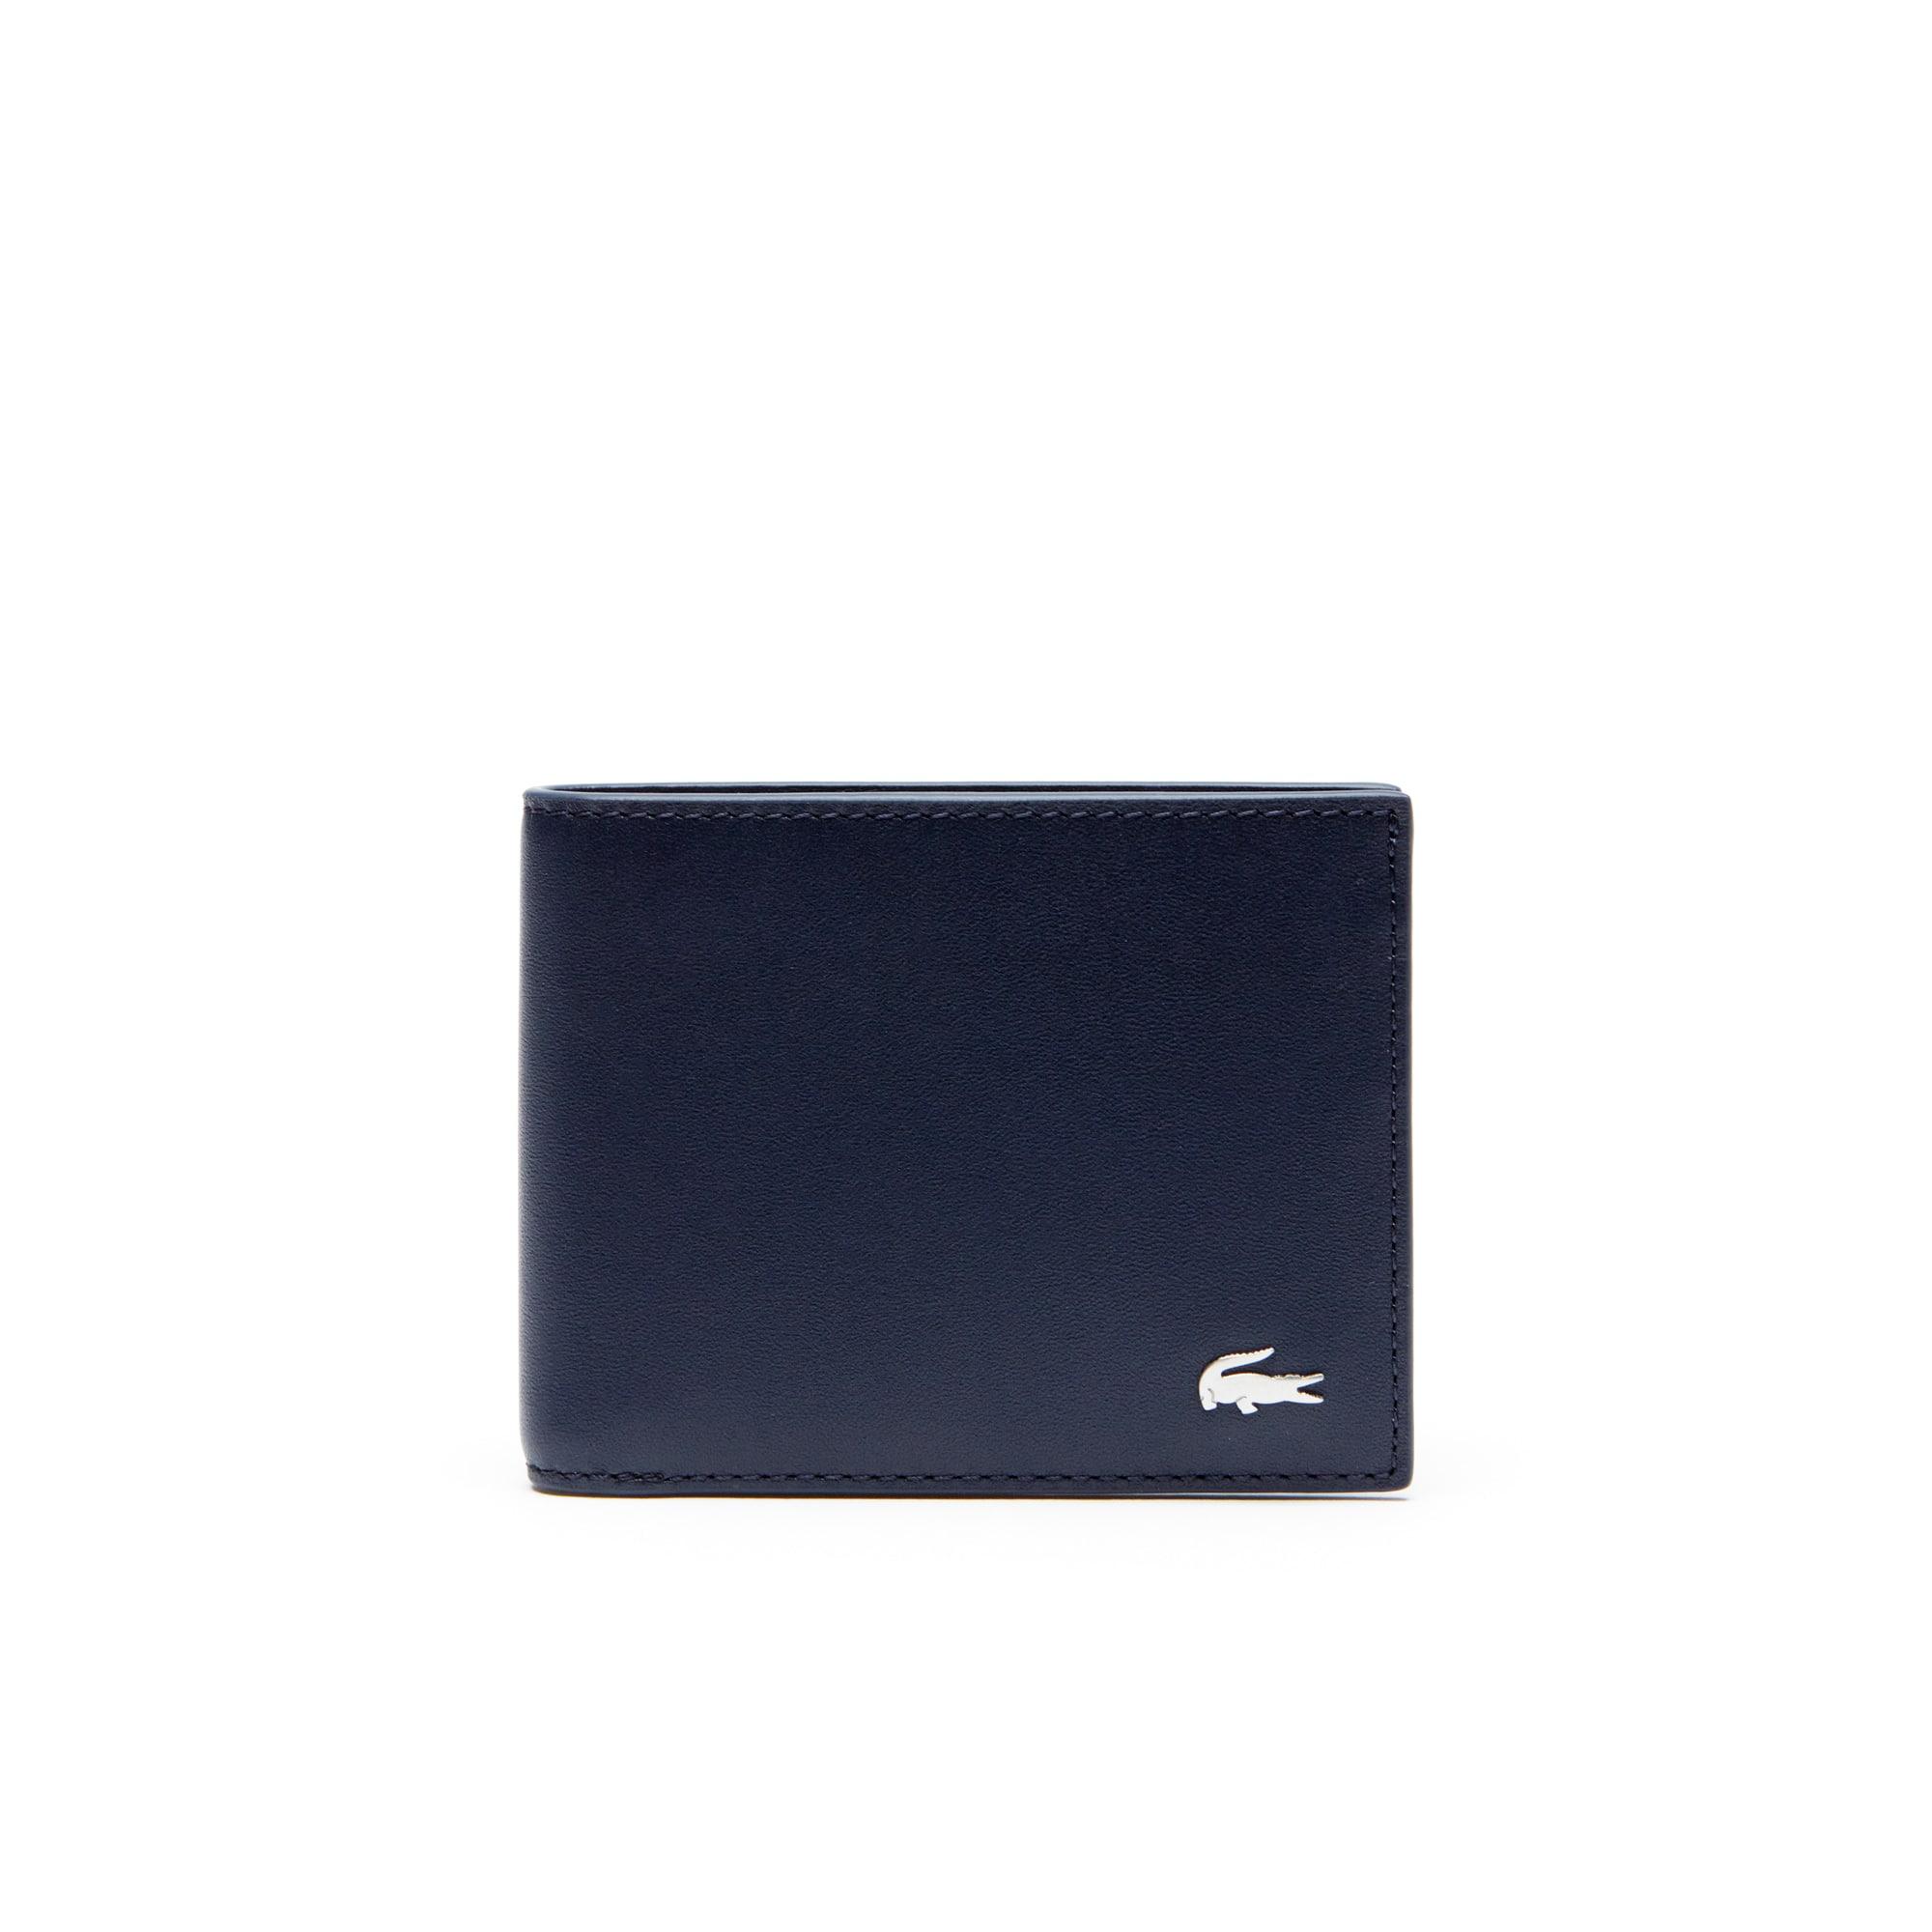 Fitzgerald-Lederbrieftasche mit Ausweisfach